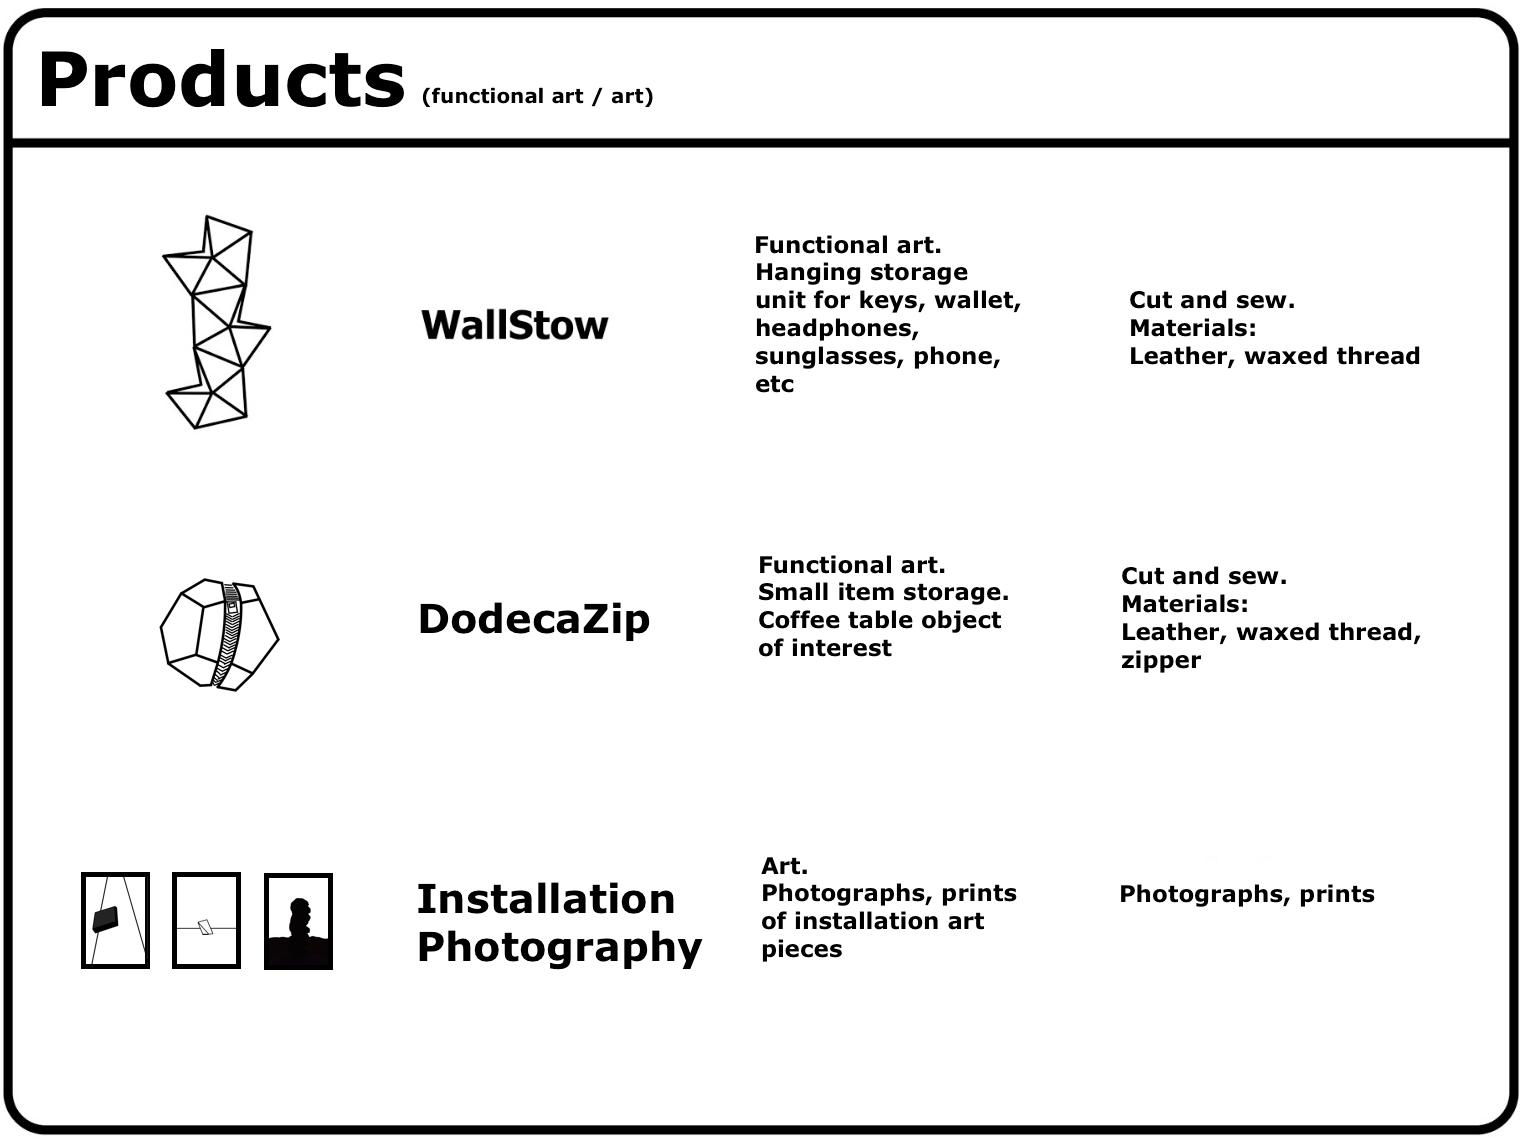 ProductLooksUniqueLA2.27.19.png